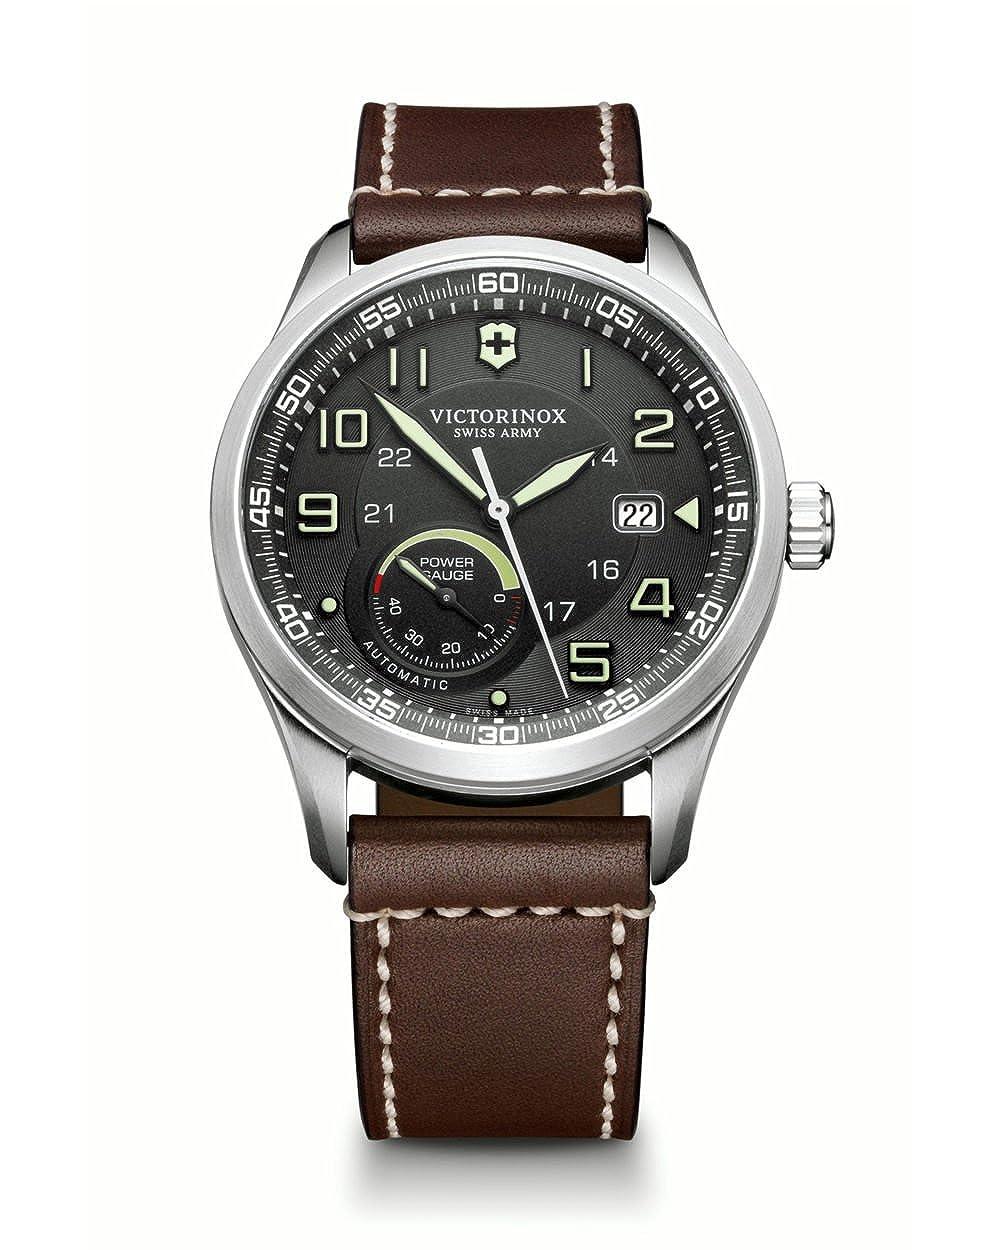 [ビクトリノックス]VICTORINOX 腕時計 メンズ エアボス AIRBOSS メカニカル パワーゲージ 自動巻き ヴィクトリノックス スイスアーミー 241575 [正規輸入品] B00O9DXUZQ